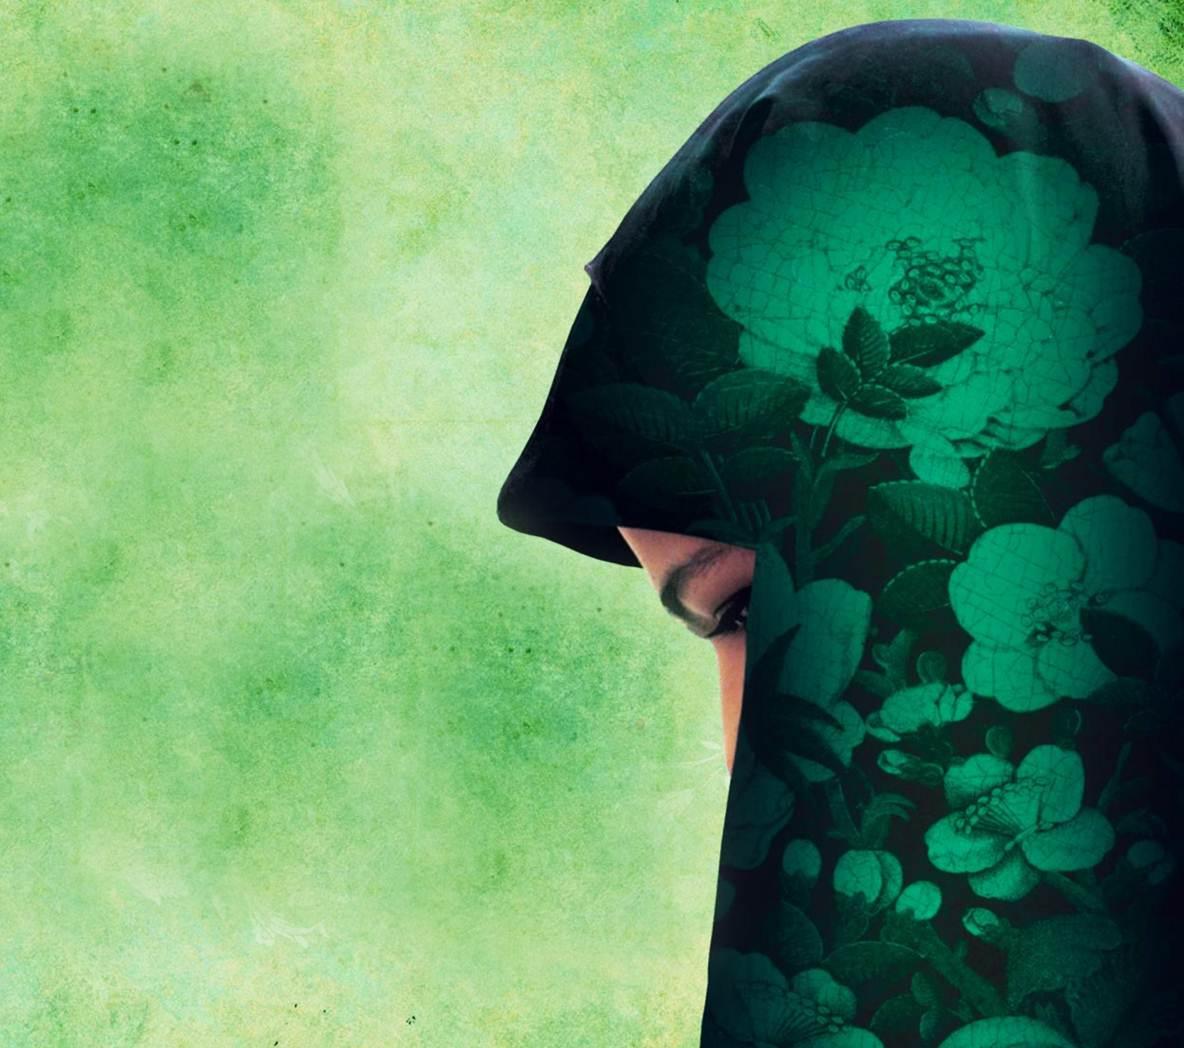 مقاله ریشه های بدحجابی زنان